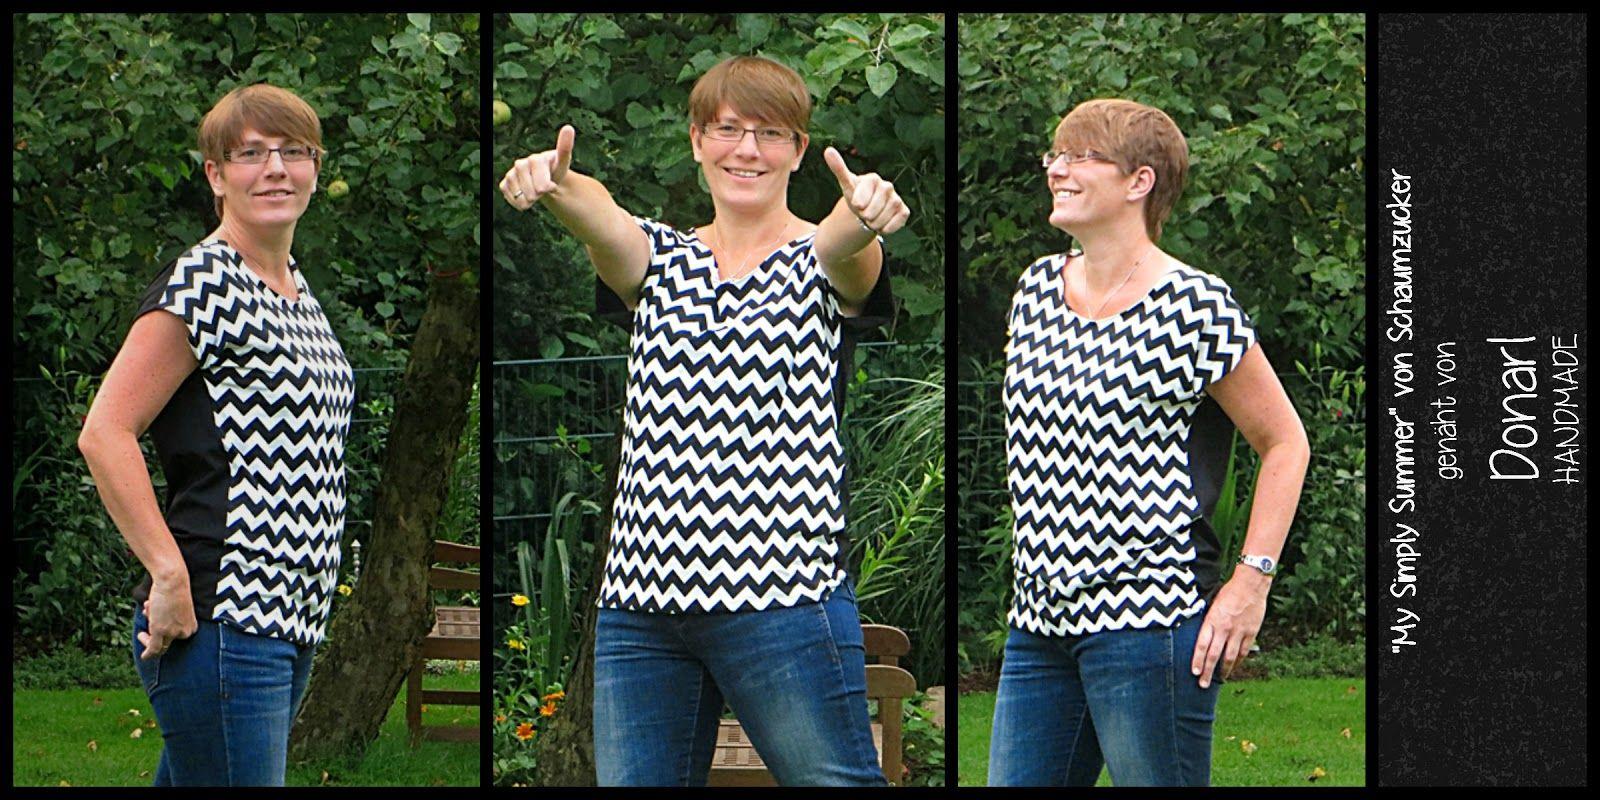 schaumzucker probenähen mysimplysummer shirt donarl swafing